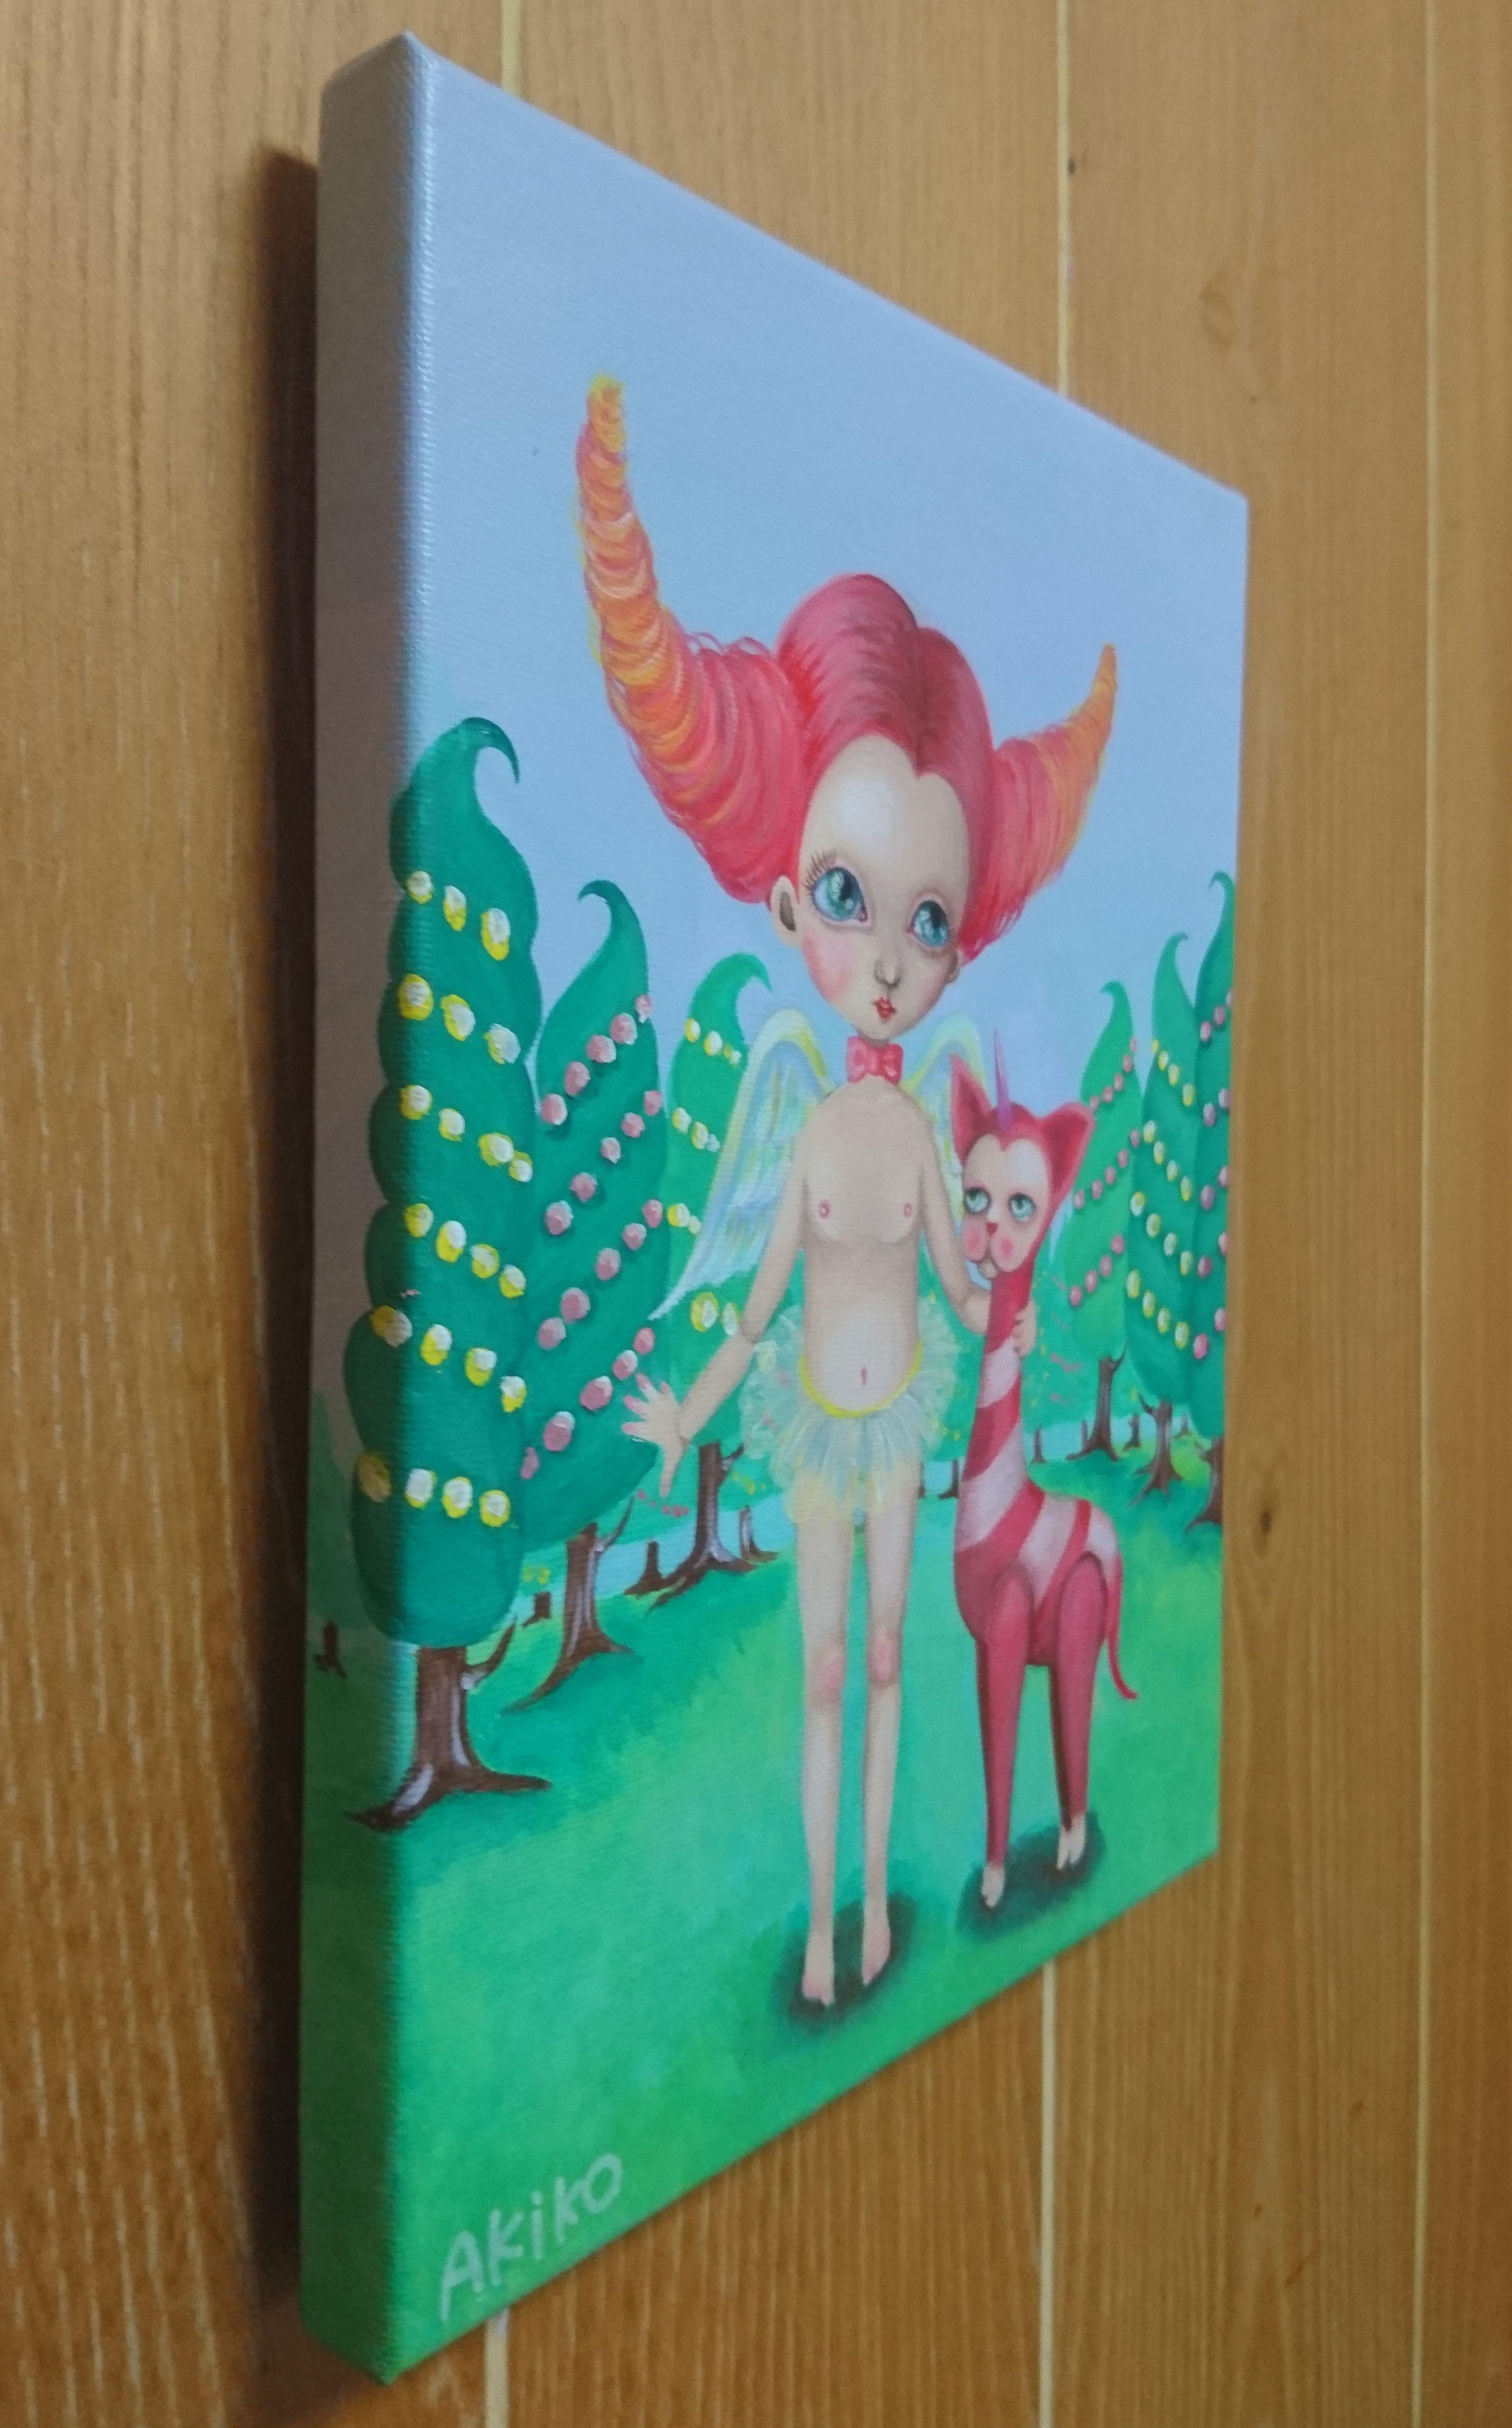 girl illustration pink cute monster angel popsurrealism